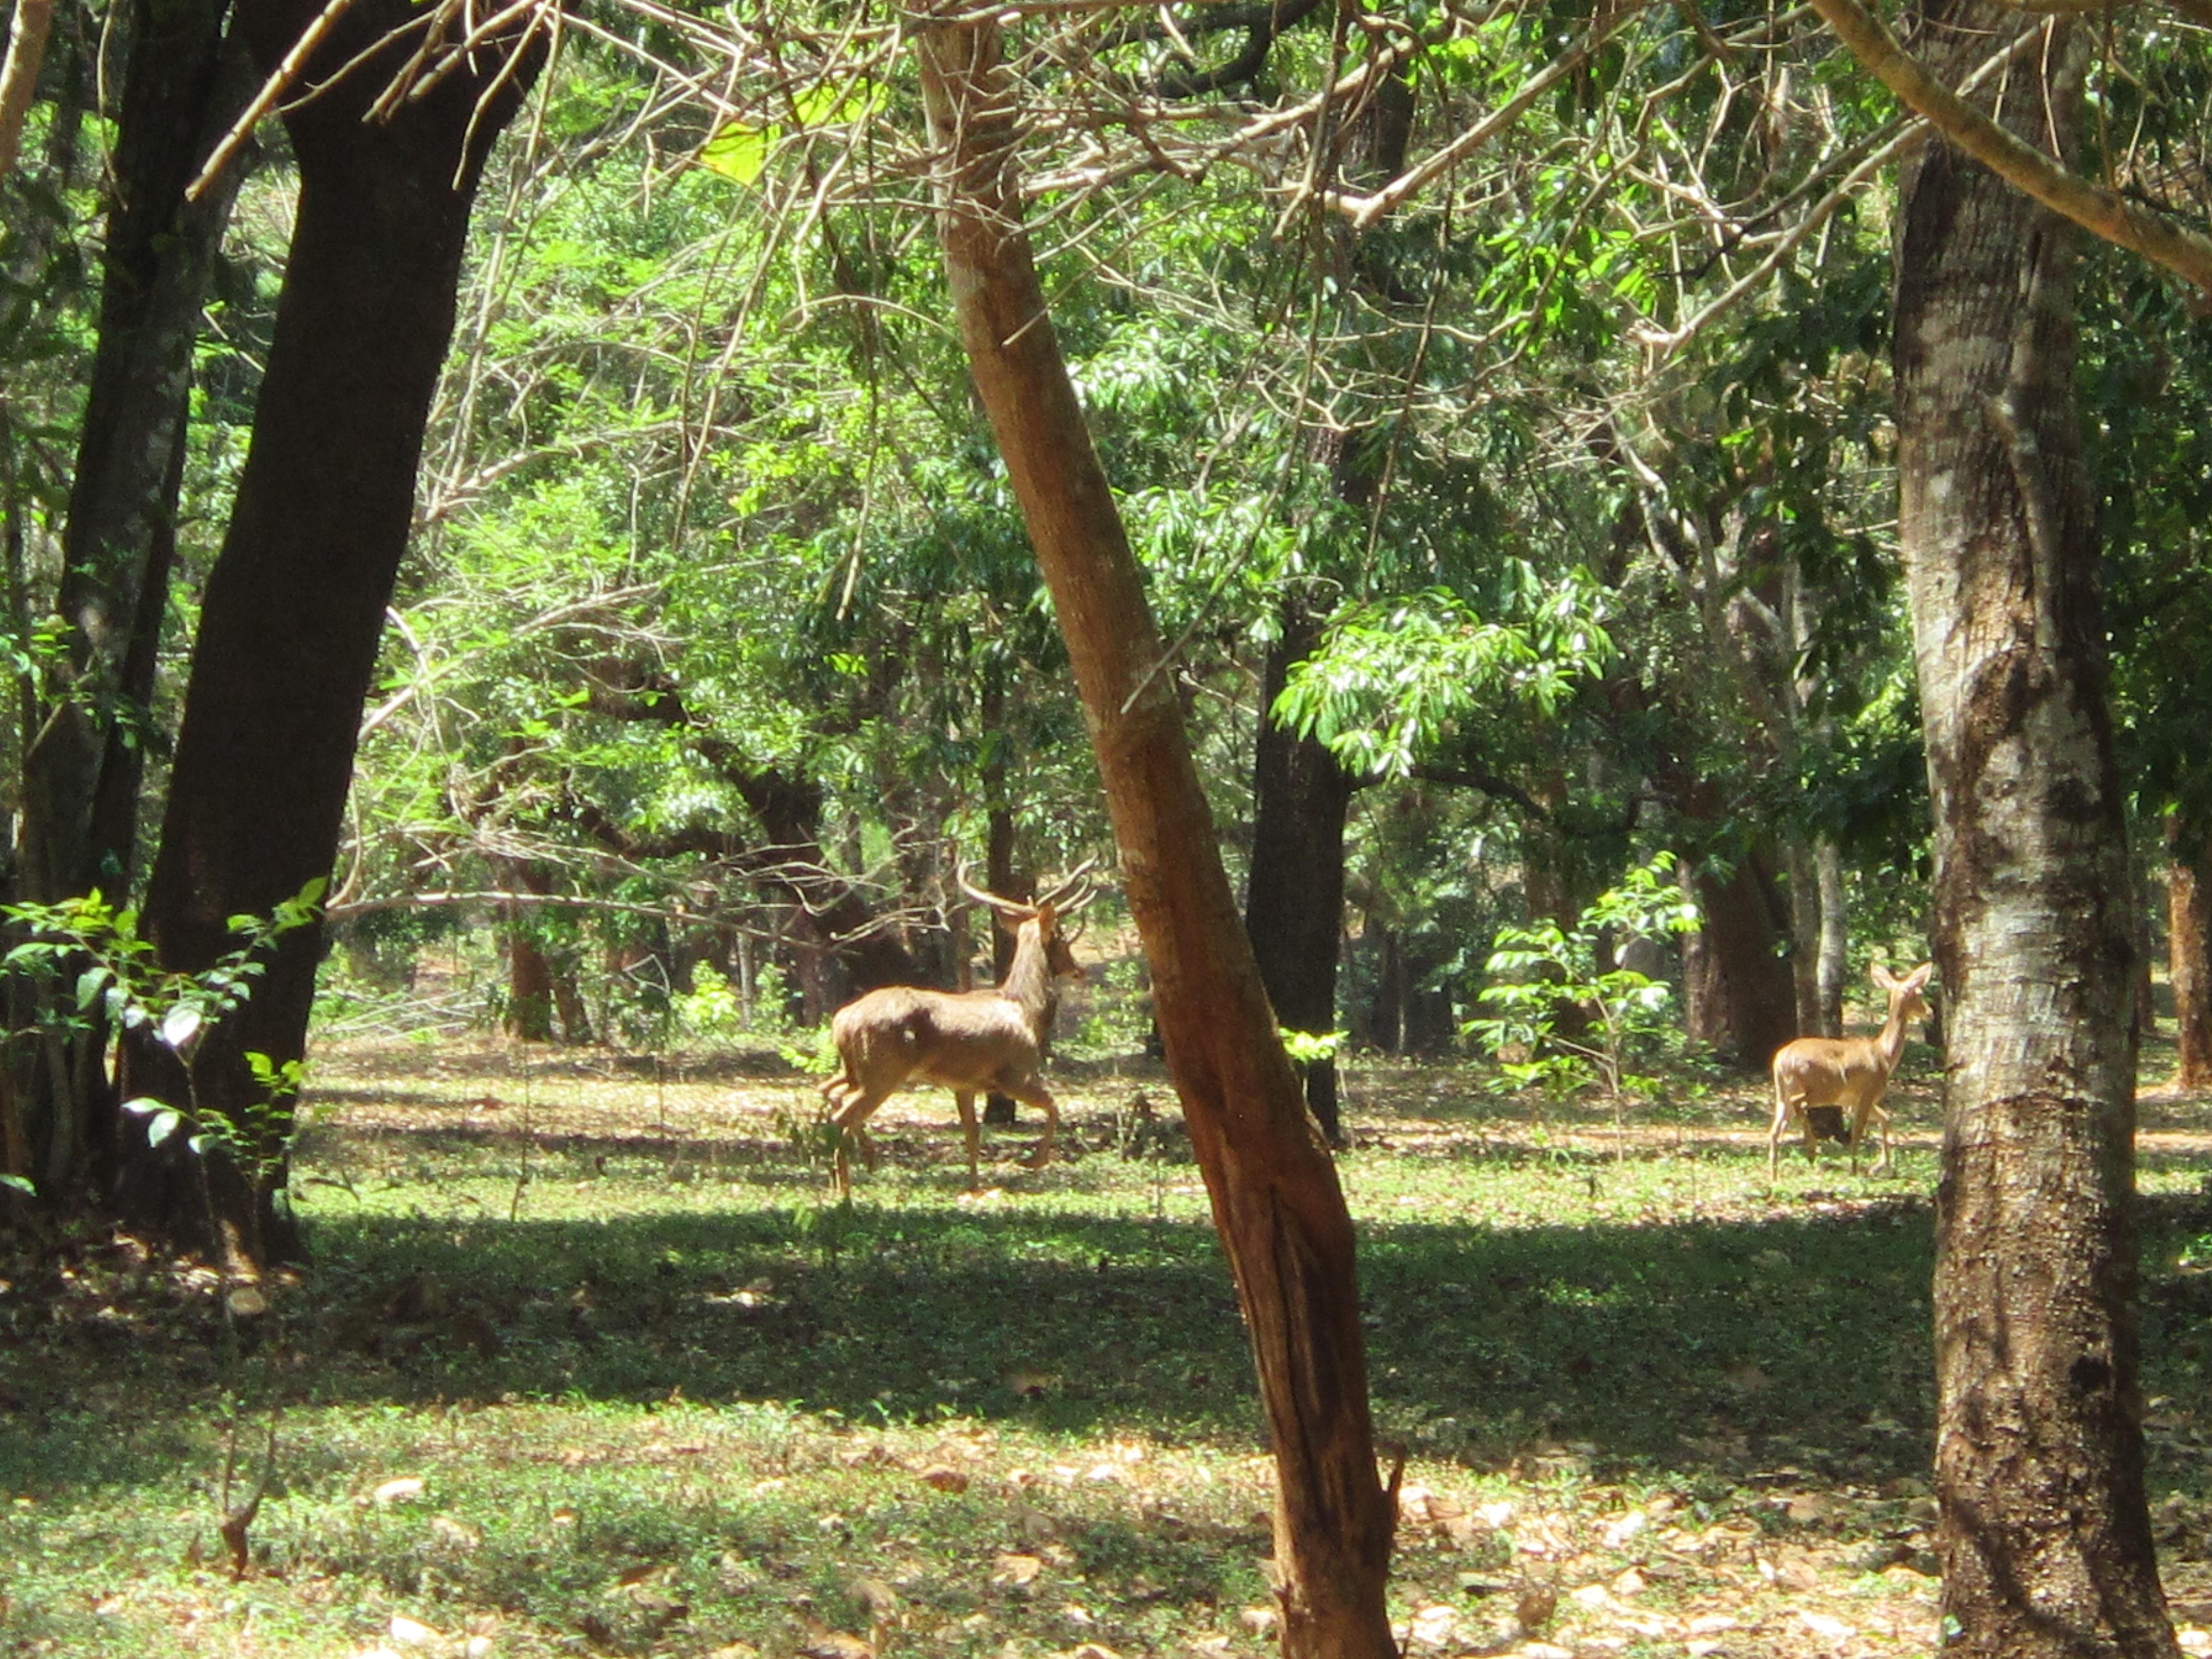 Pyin Oo Lwin - National Kandawgyi Botanical Gardens - deer